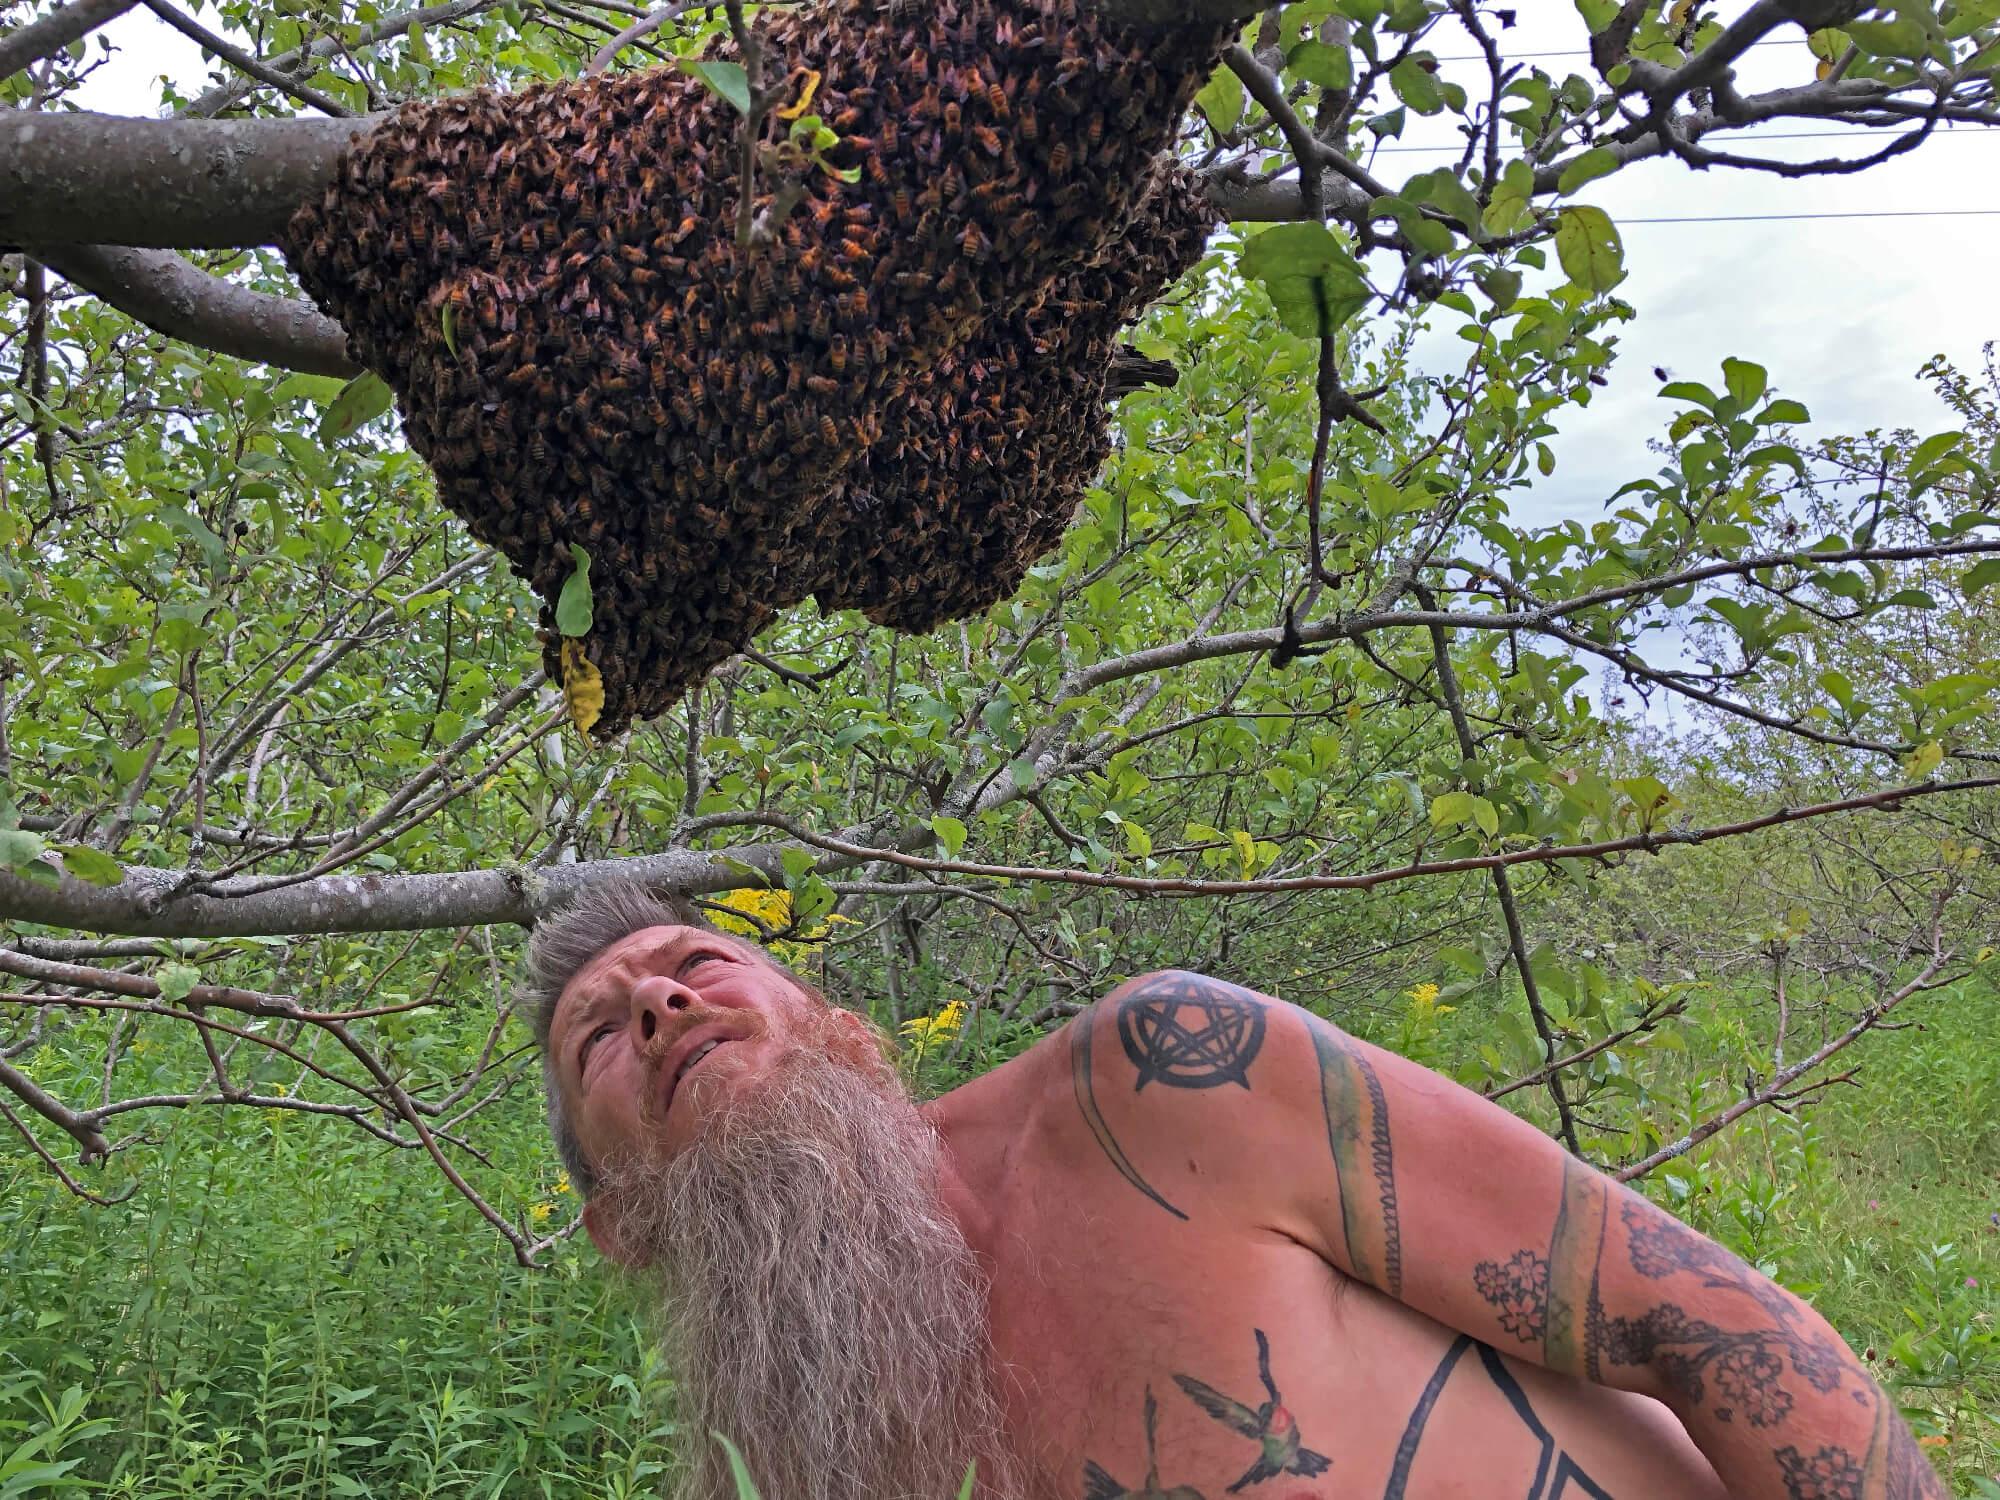 Examining the swarm